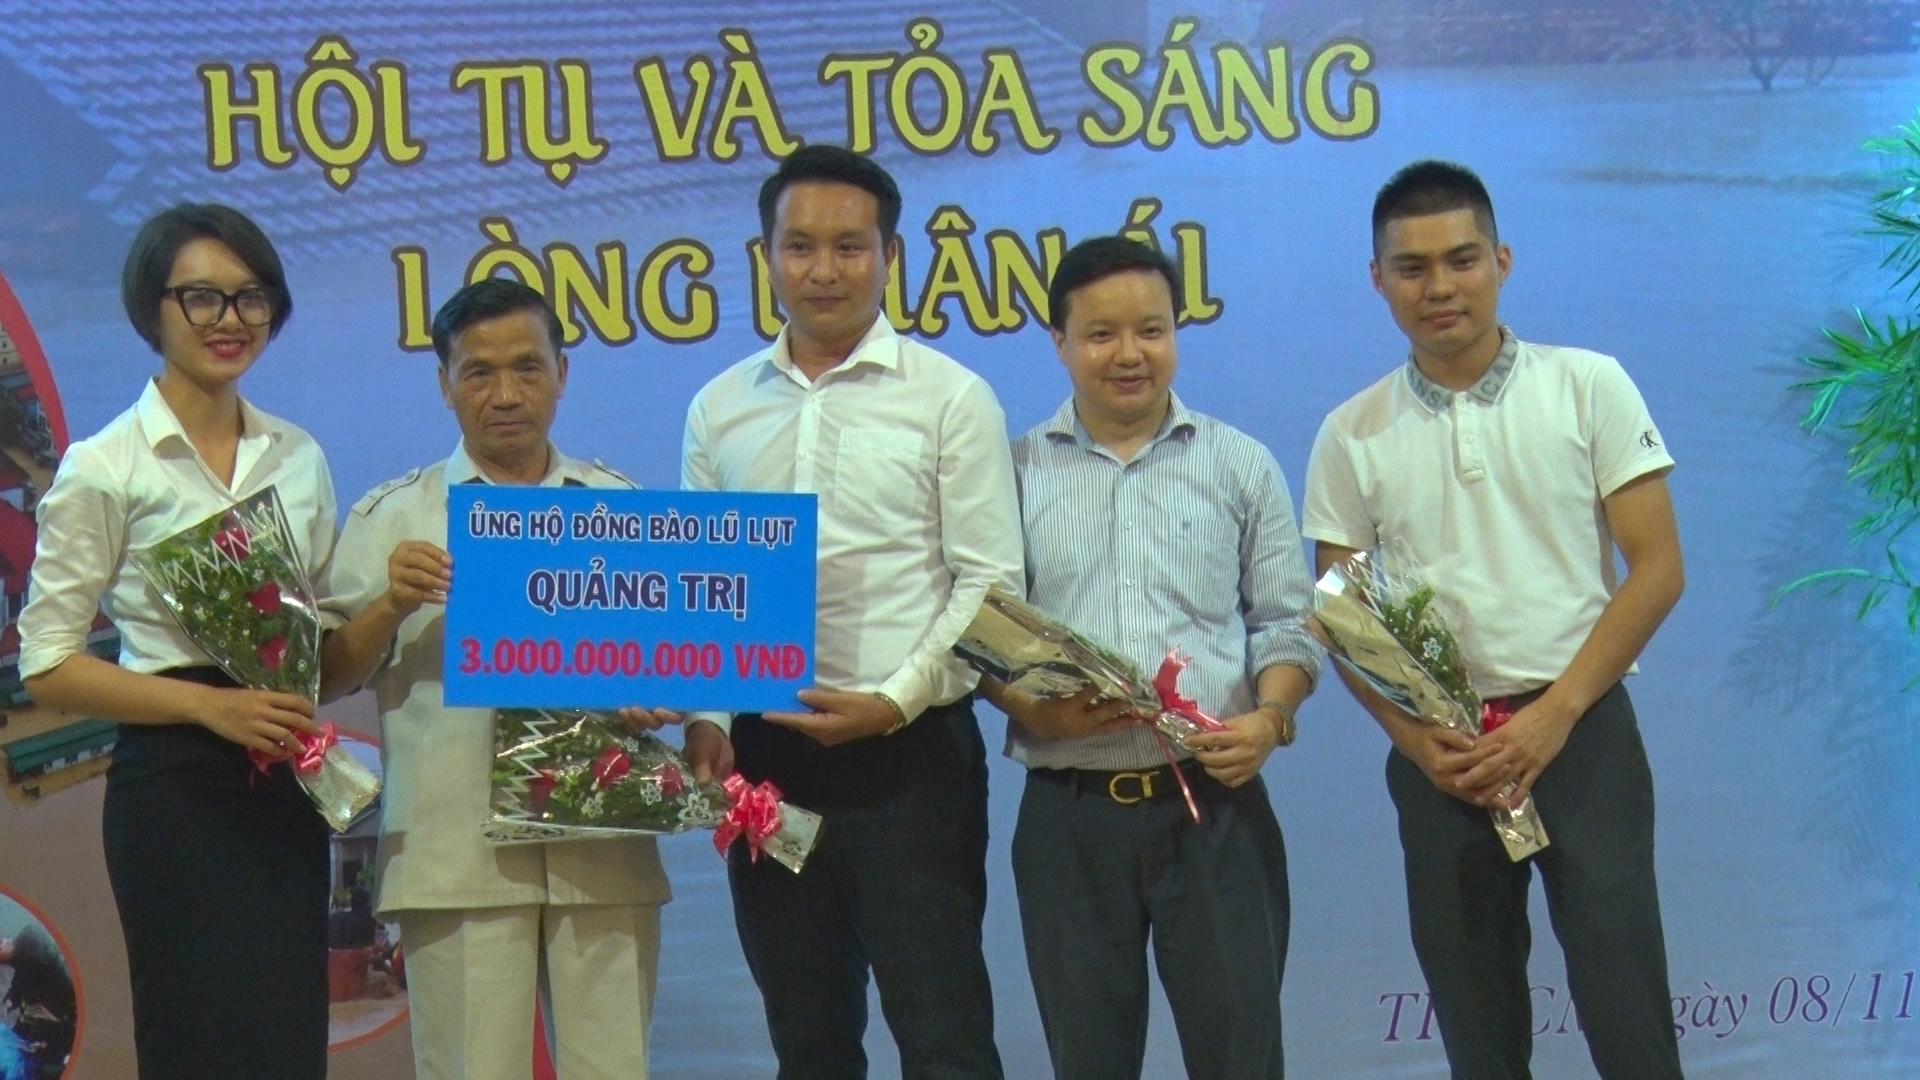 Tổ chức từ thiện Hoa Chia Sẻ của các doanh nhân trẻ người Quảng Trị tại TP. Hồ Chí Minh hỗ trợ 3 tỉ đồng -Ảnh: T.H